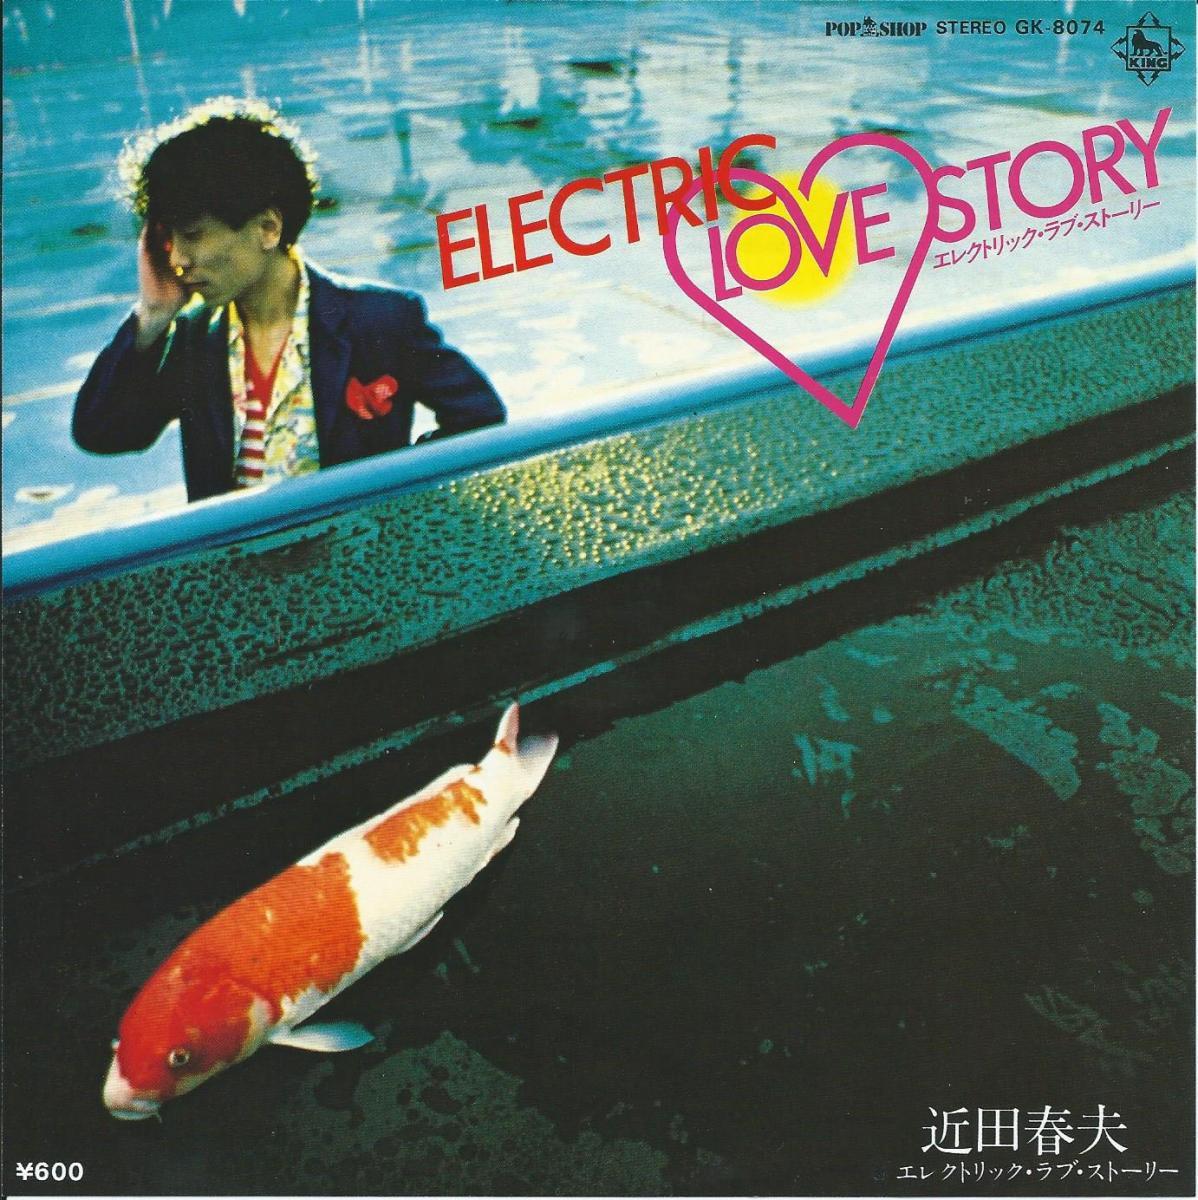 近田春夫 HARUO CHIKADA (Y.M.O.) / エレクトリック・ラブ・ストーリー ELECTRIC LOVE STORY (7